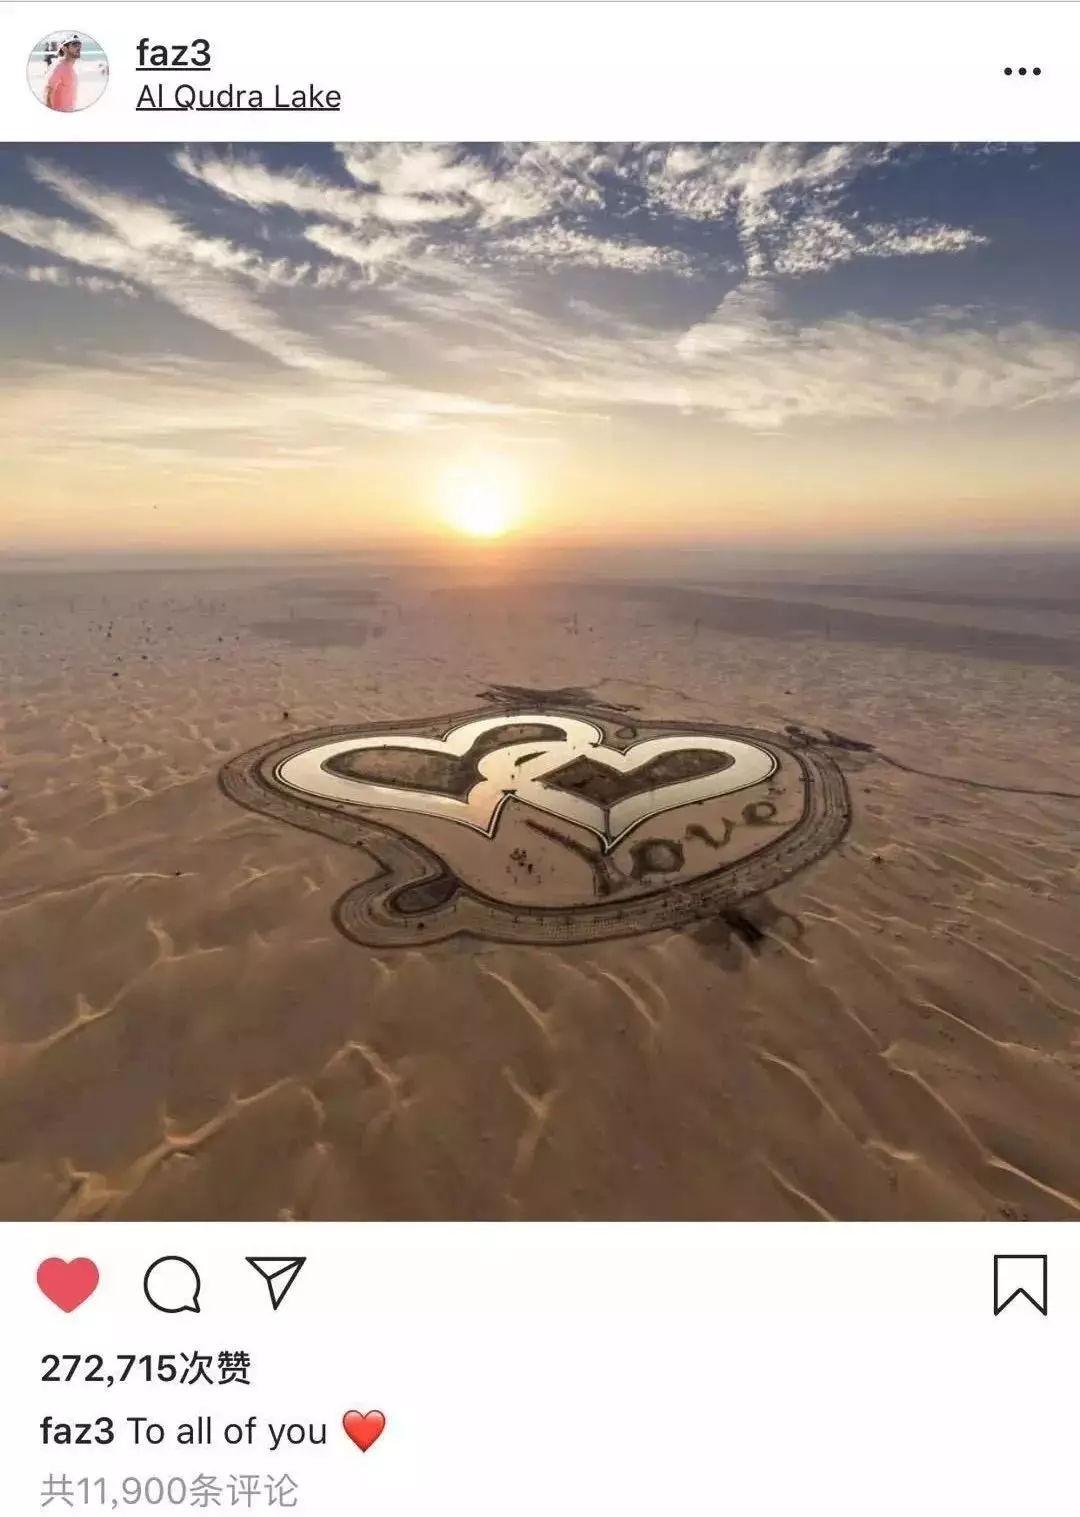 迪拜王储ins给660万粉丝示爱:给大家一个心形湖